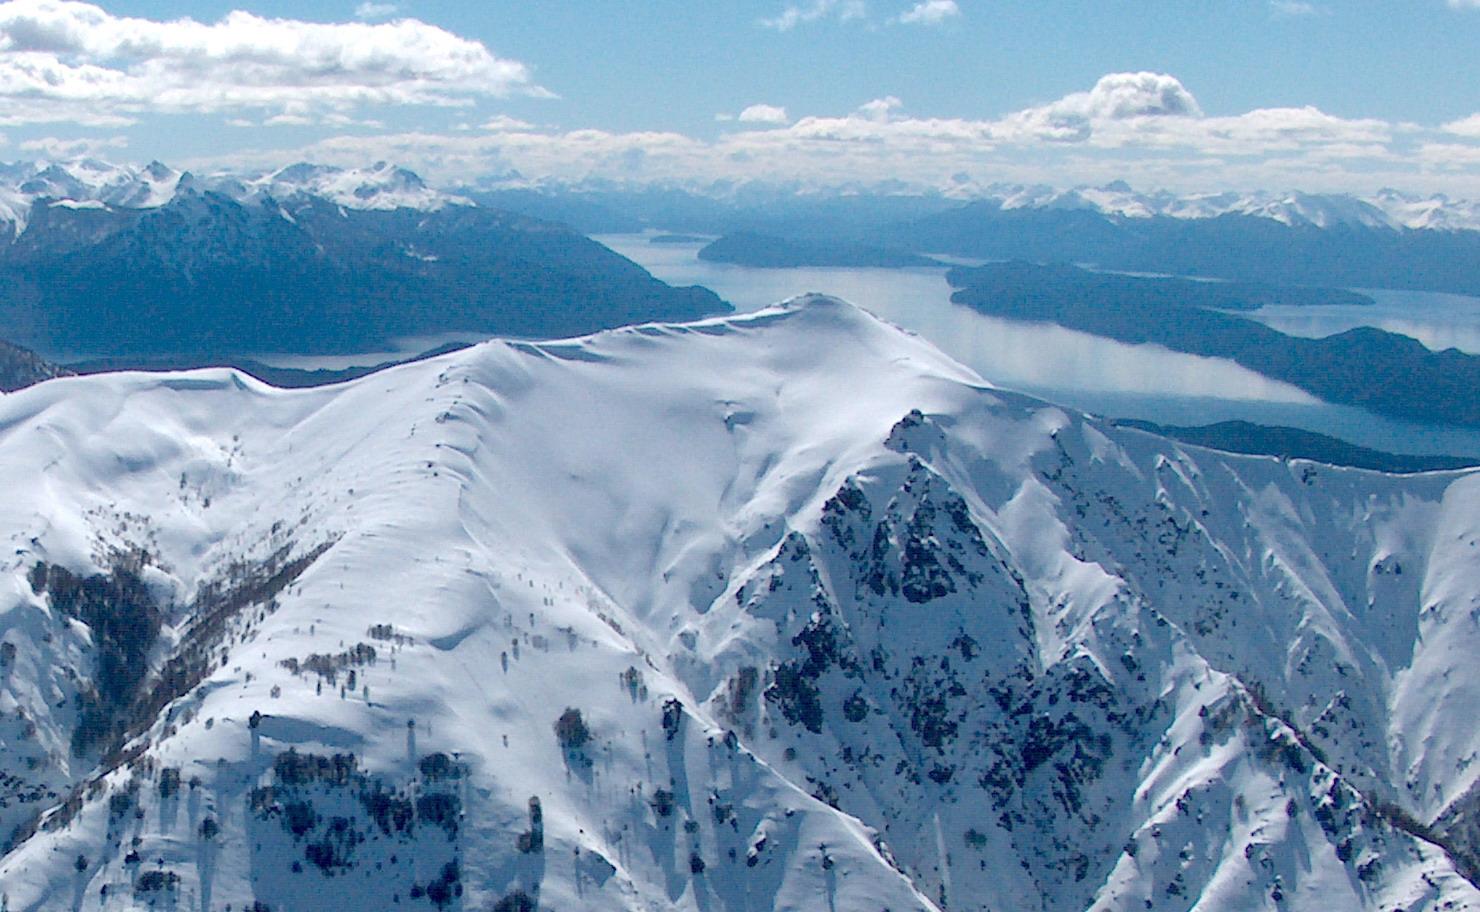 Centro de esqui Cerro Catedral, paisajes